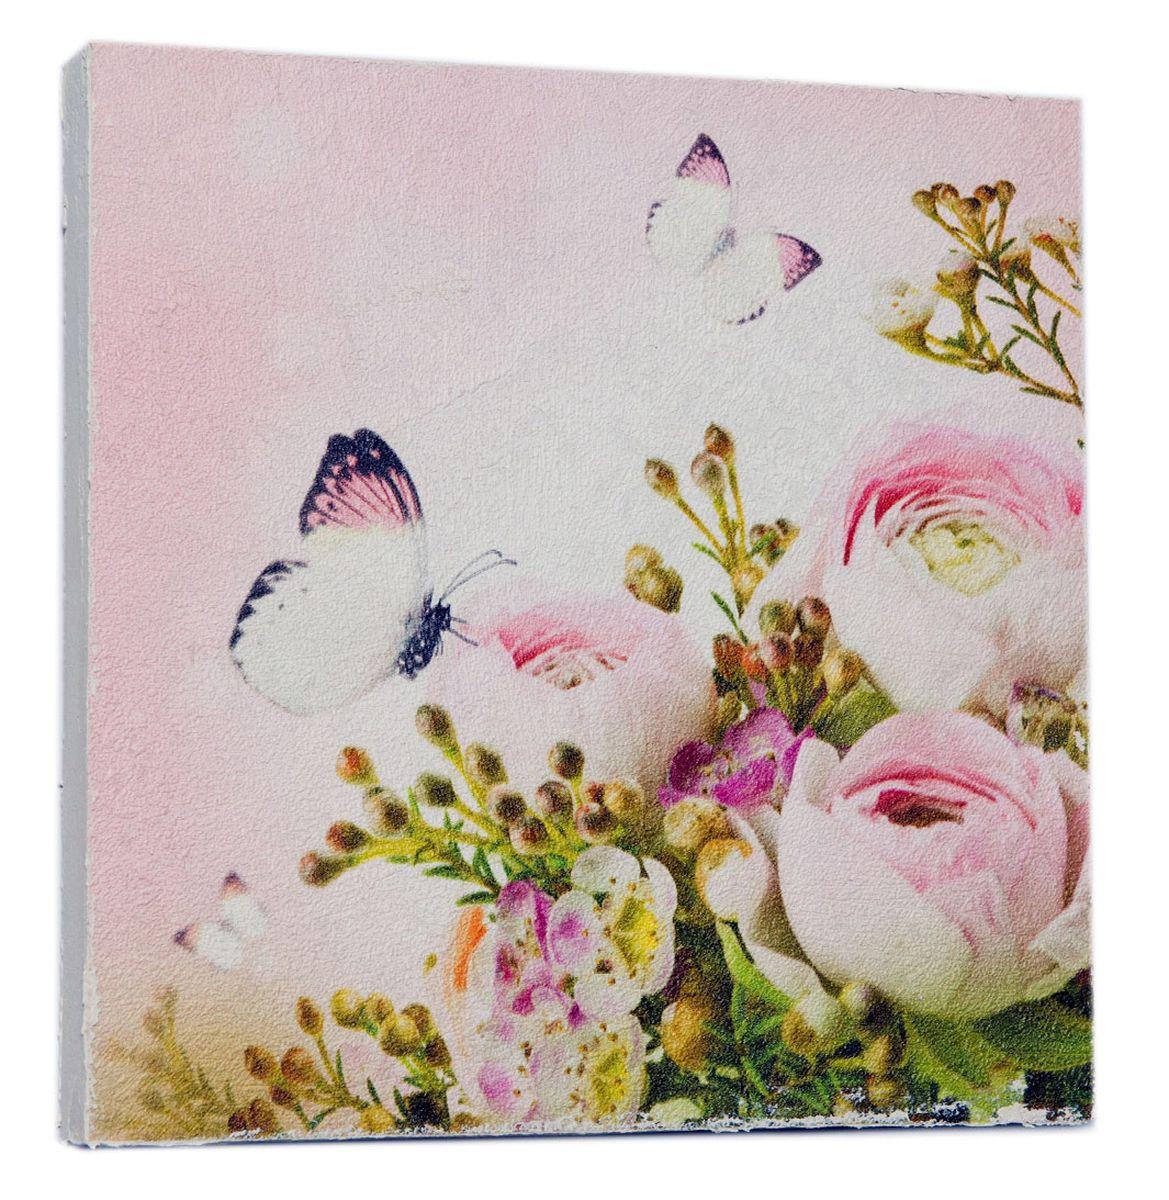 Картина Нежные розовые пионы с бабочкой, 22 х 22 см